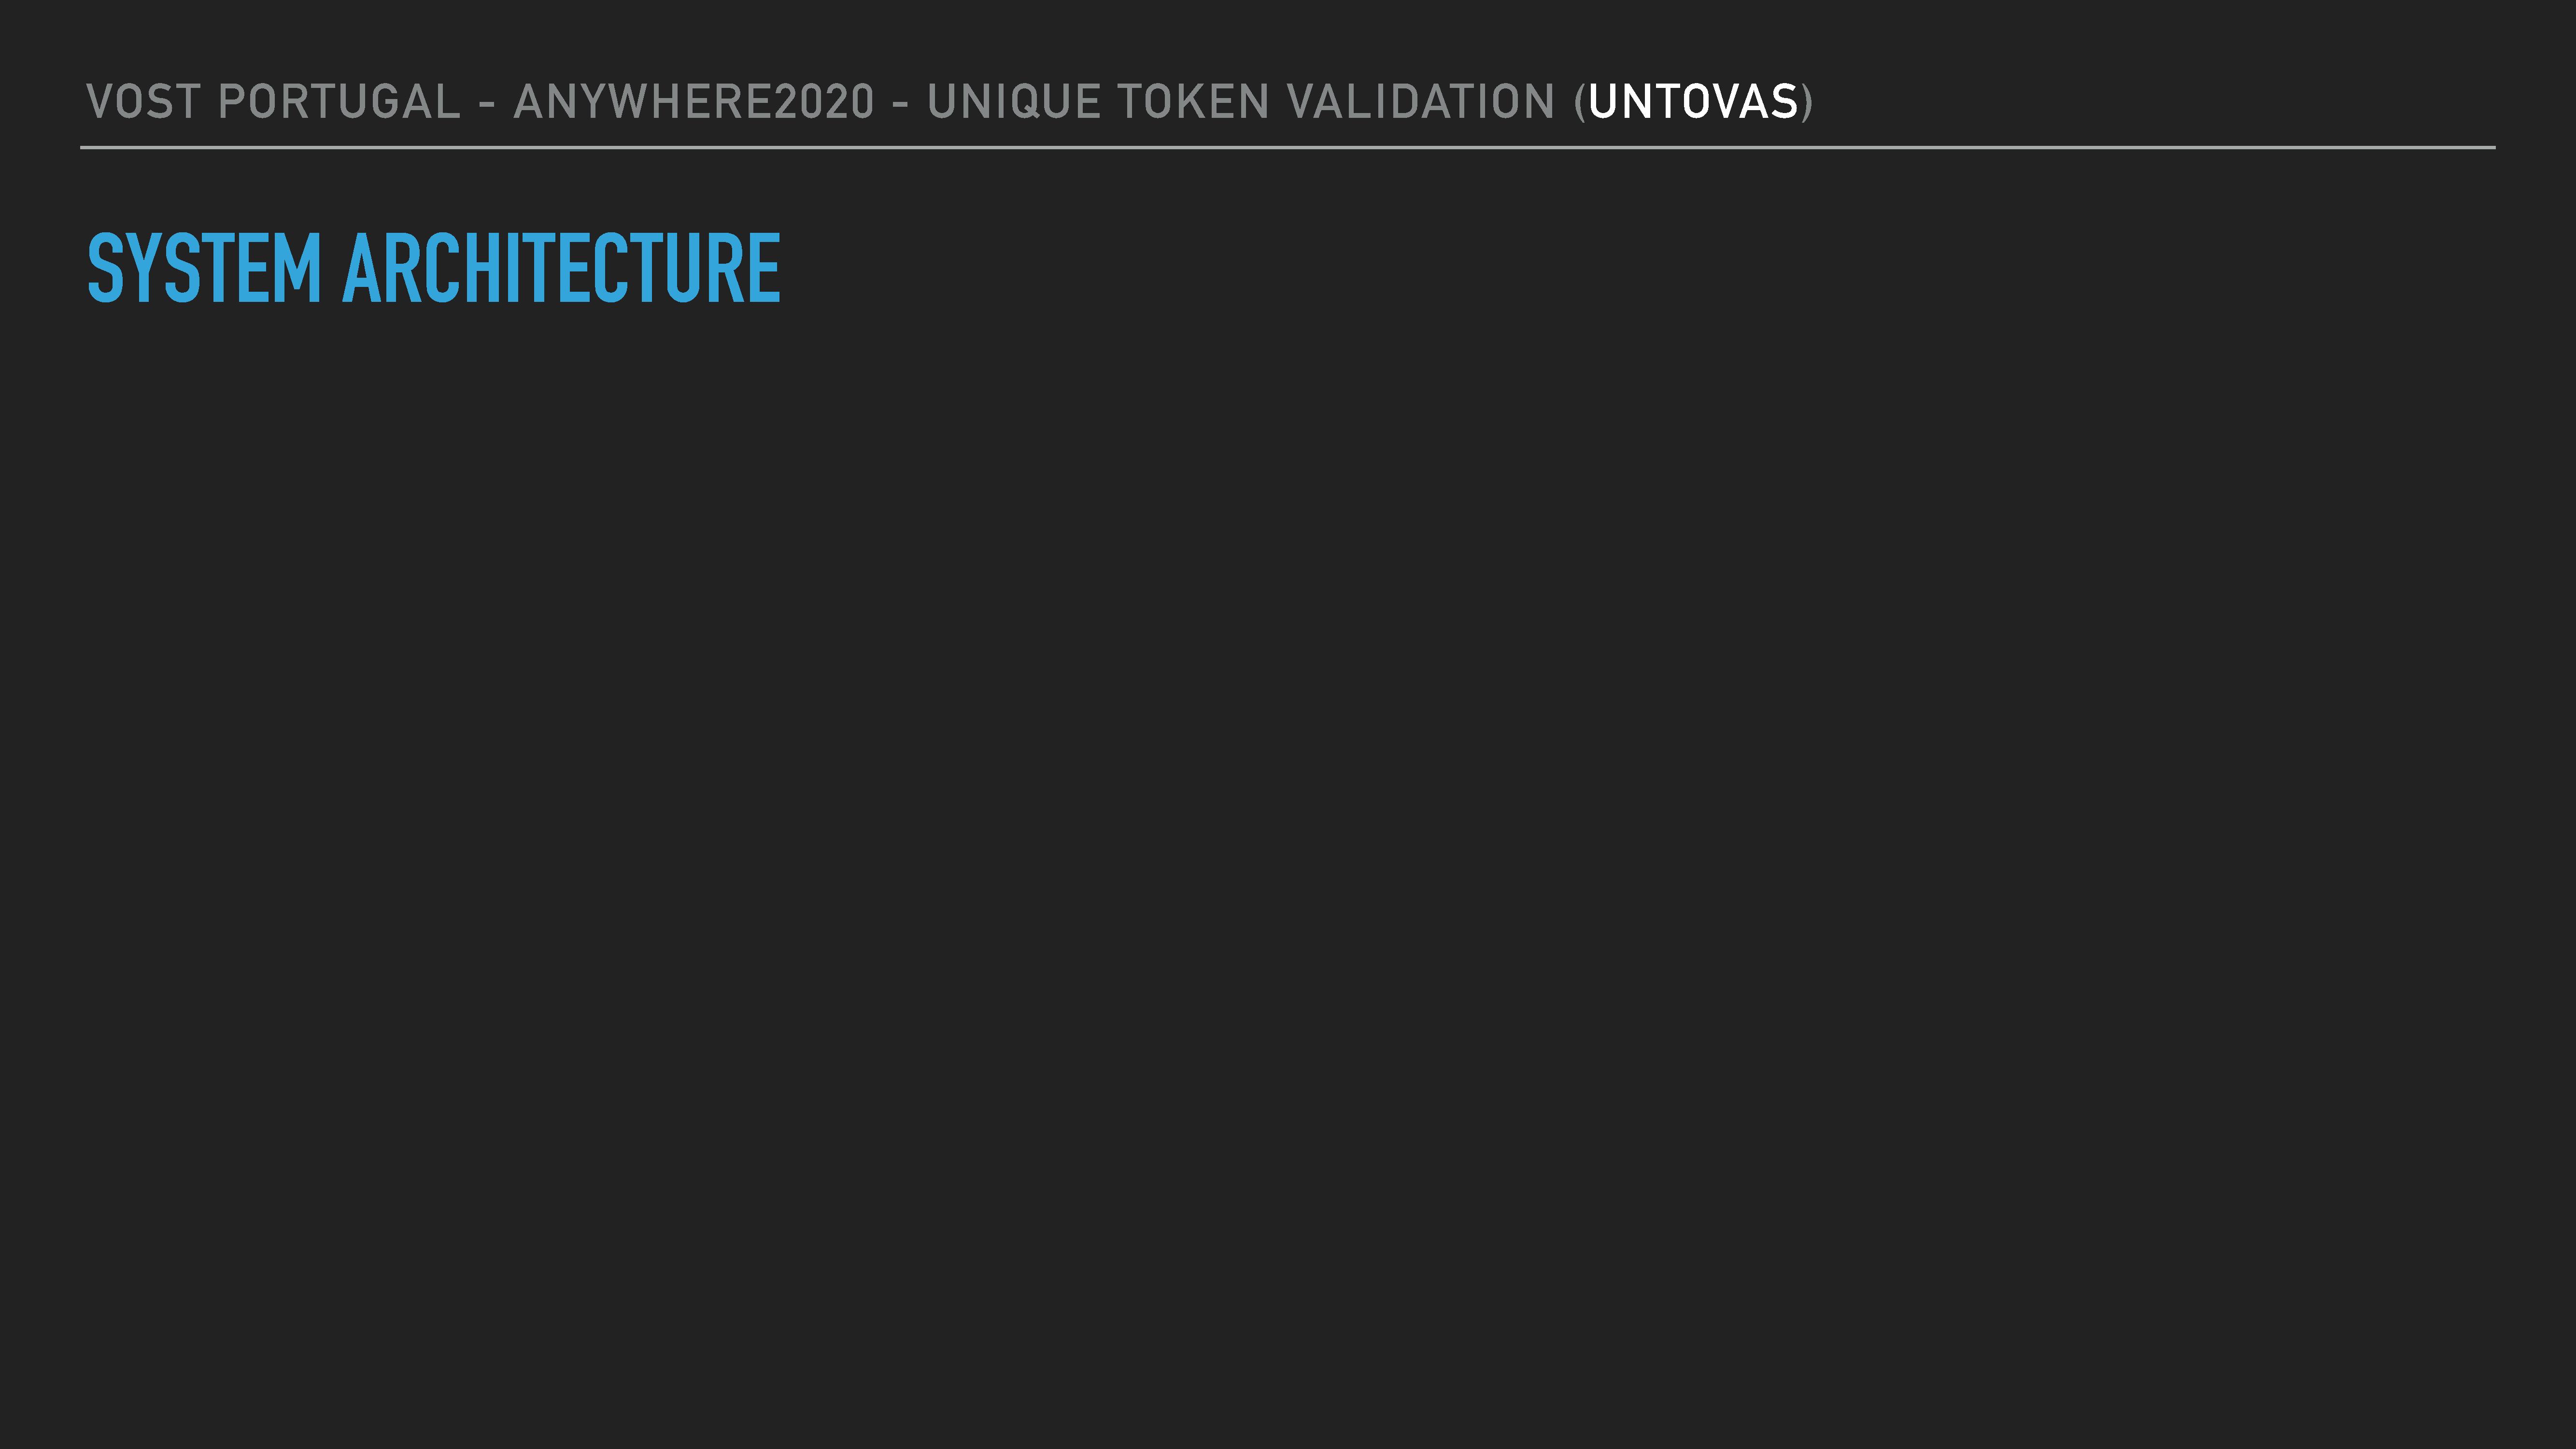 VOSTPT_ANYWHERE2020_BCN_PDF_FINAL_Page_65